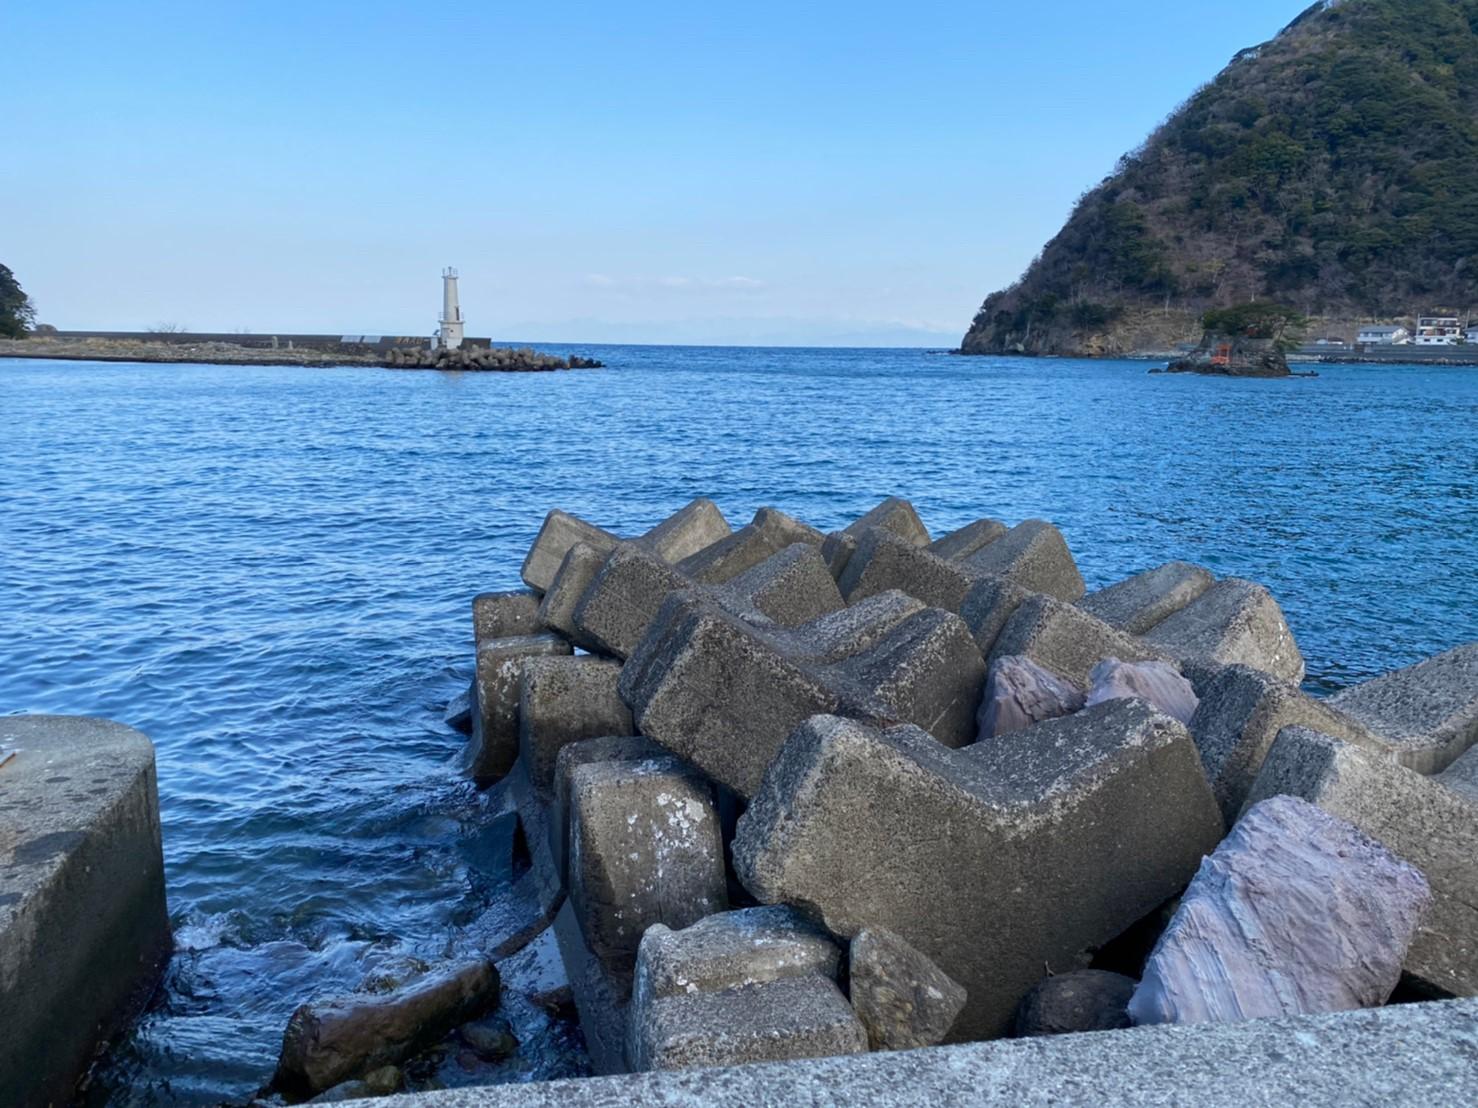 【西伊豆 西伊豆町】『安良里港』の釣り場ガイド(釣れる魚・駐車場)